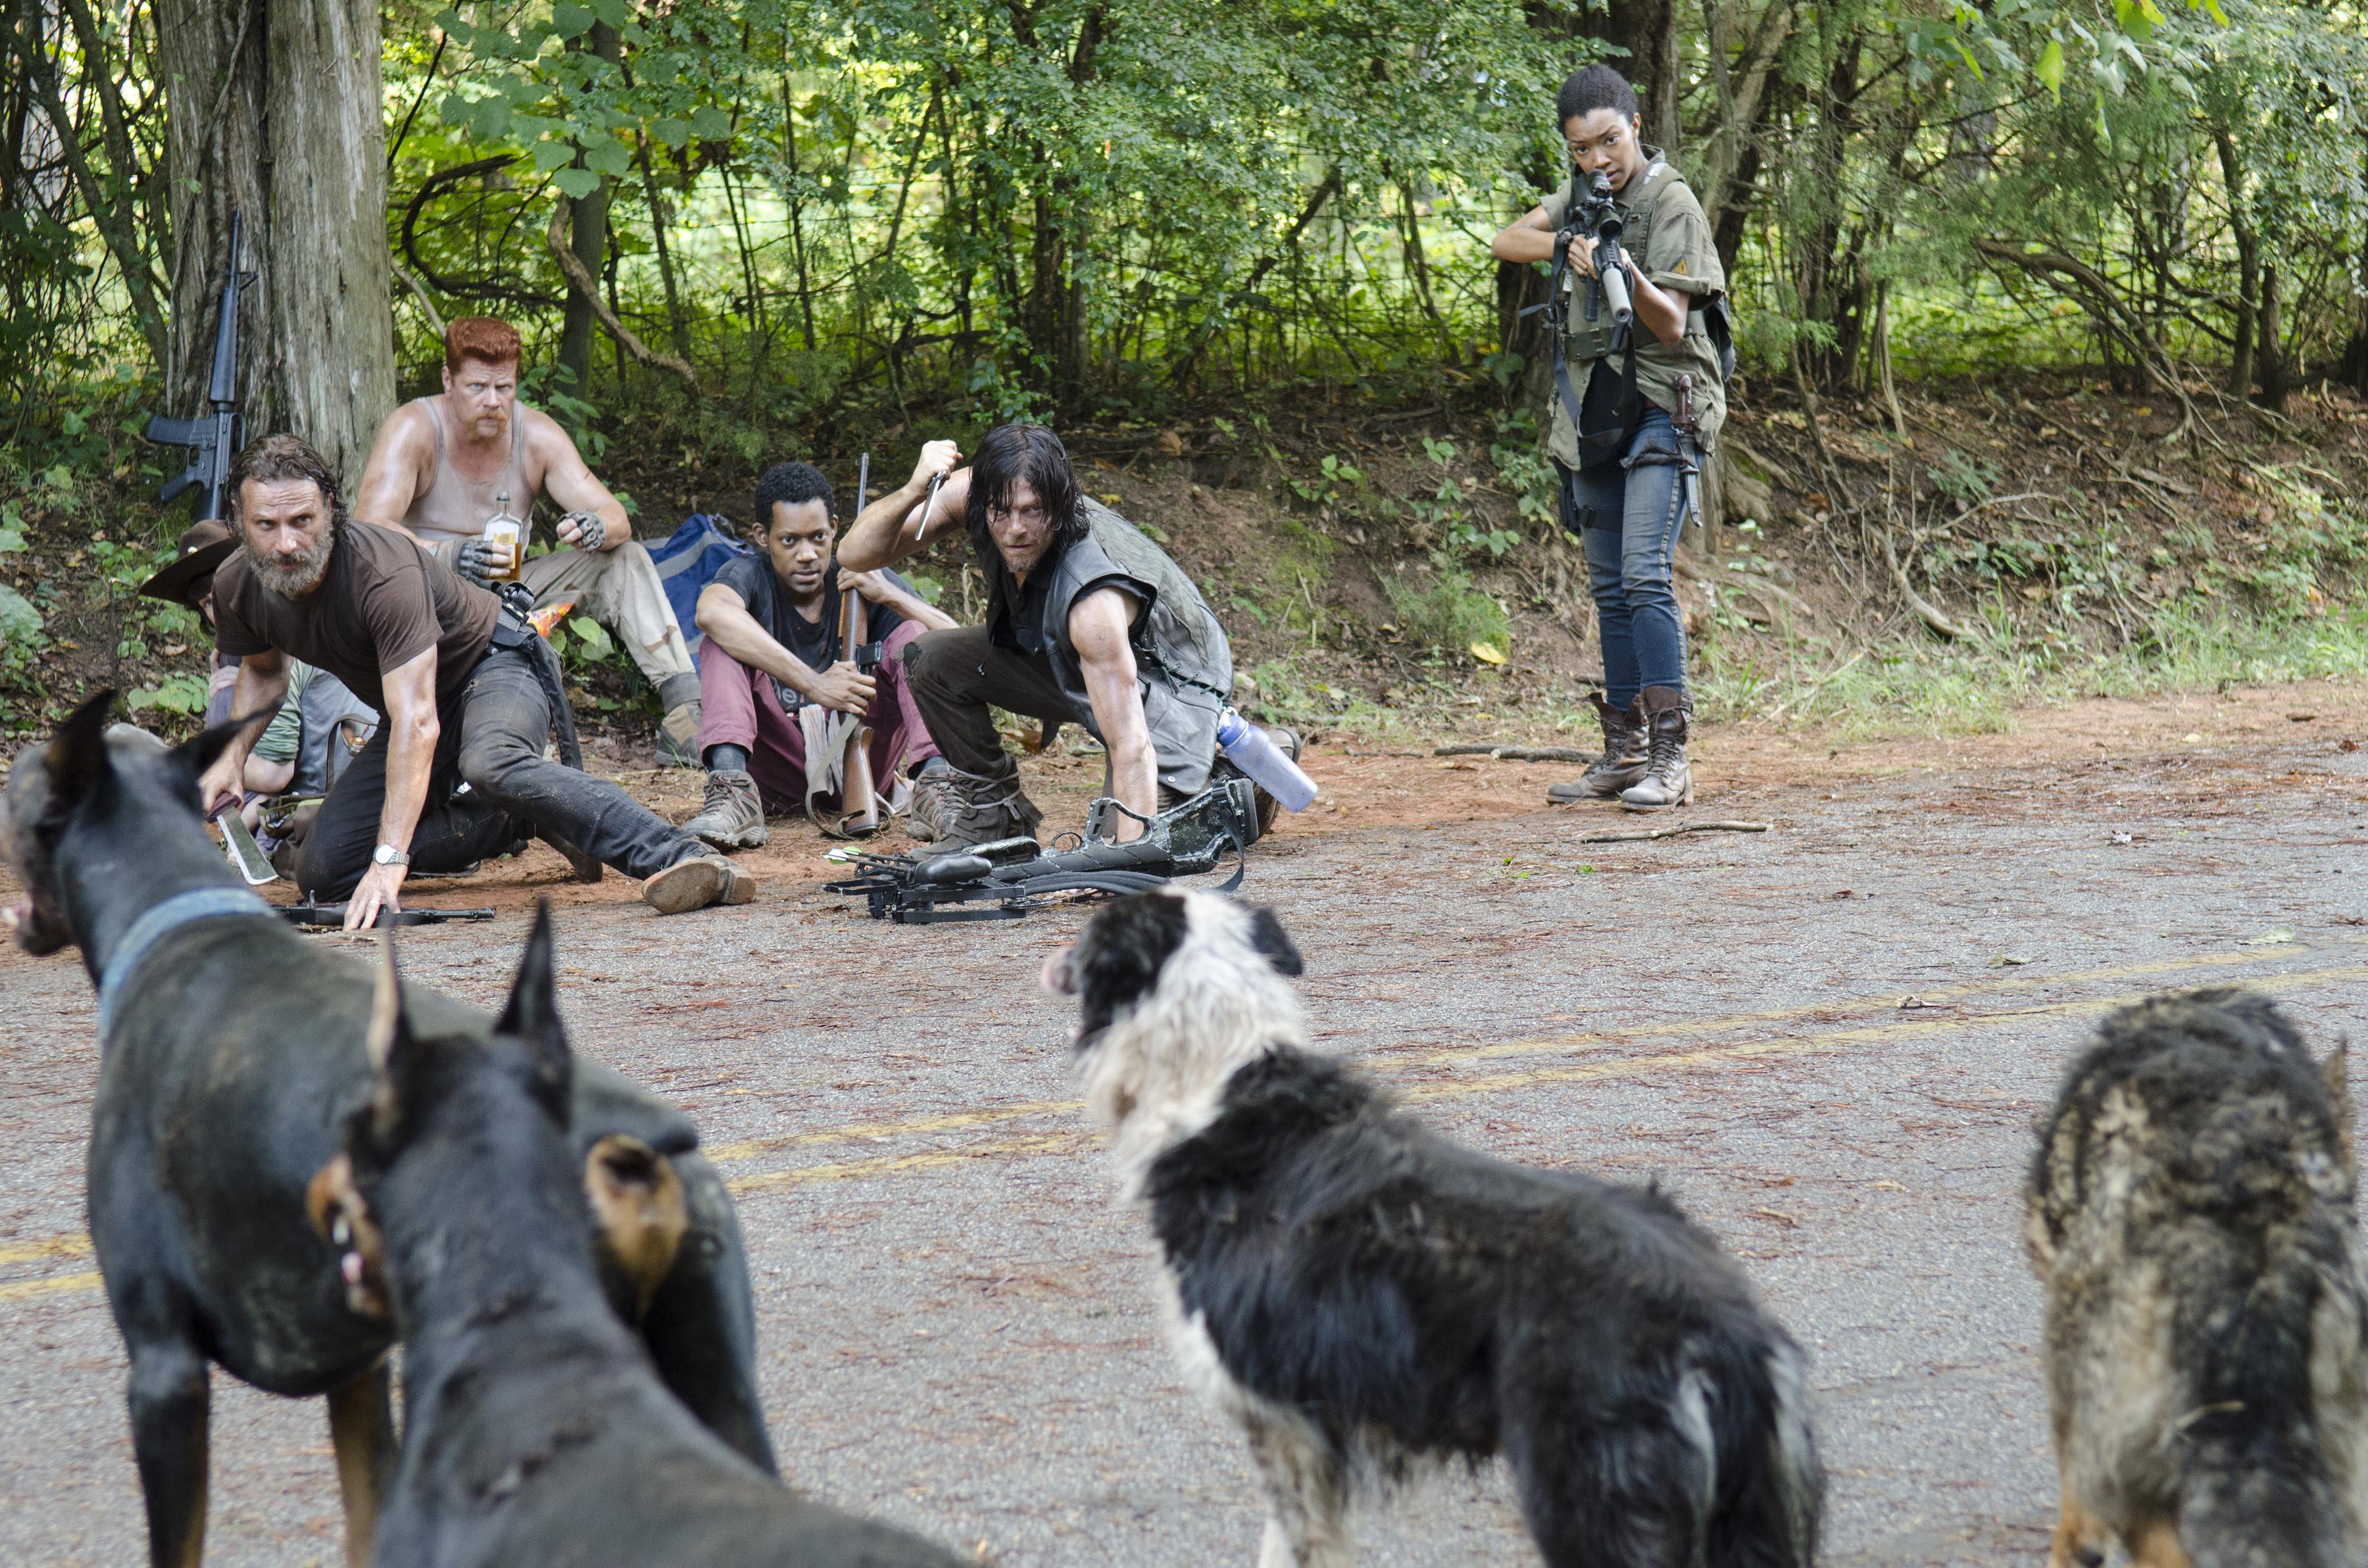 The Walking Dead Season 5 Episode 10 Them Looking Back 16